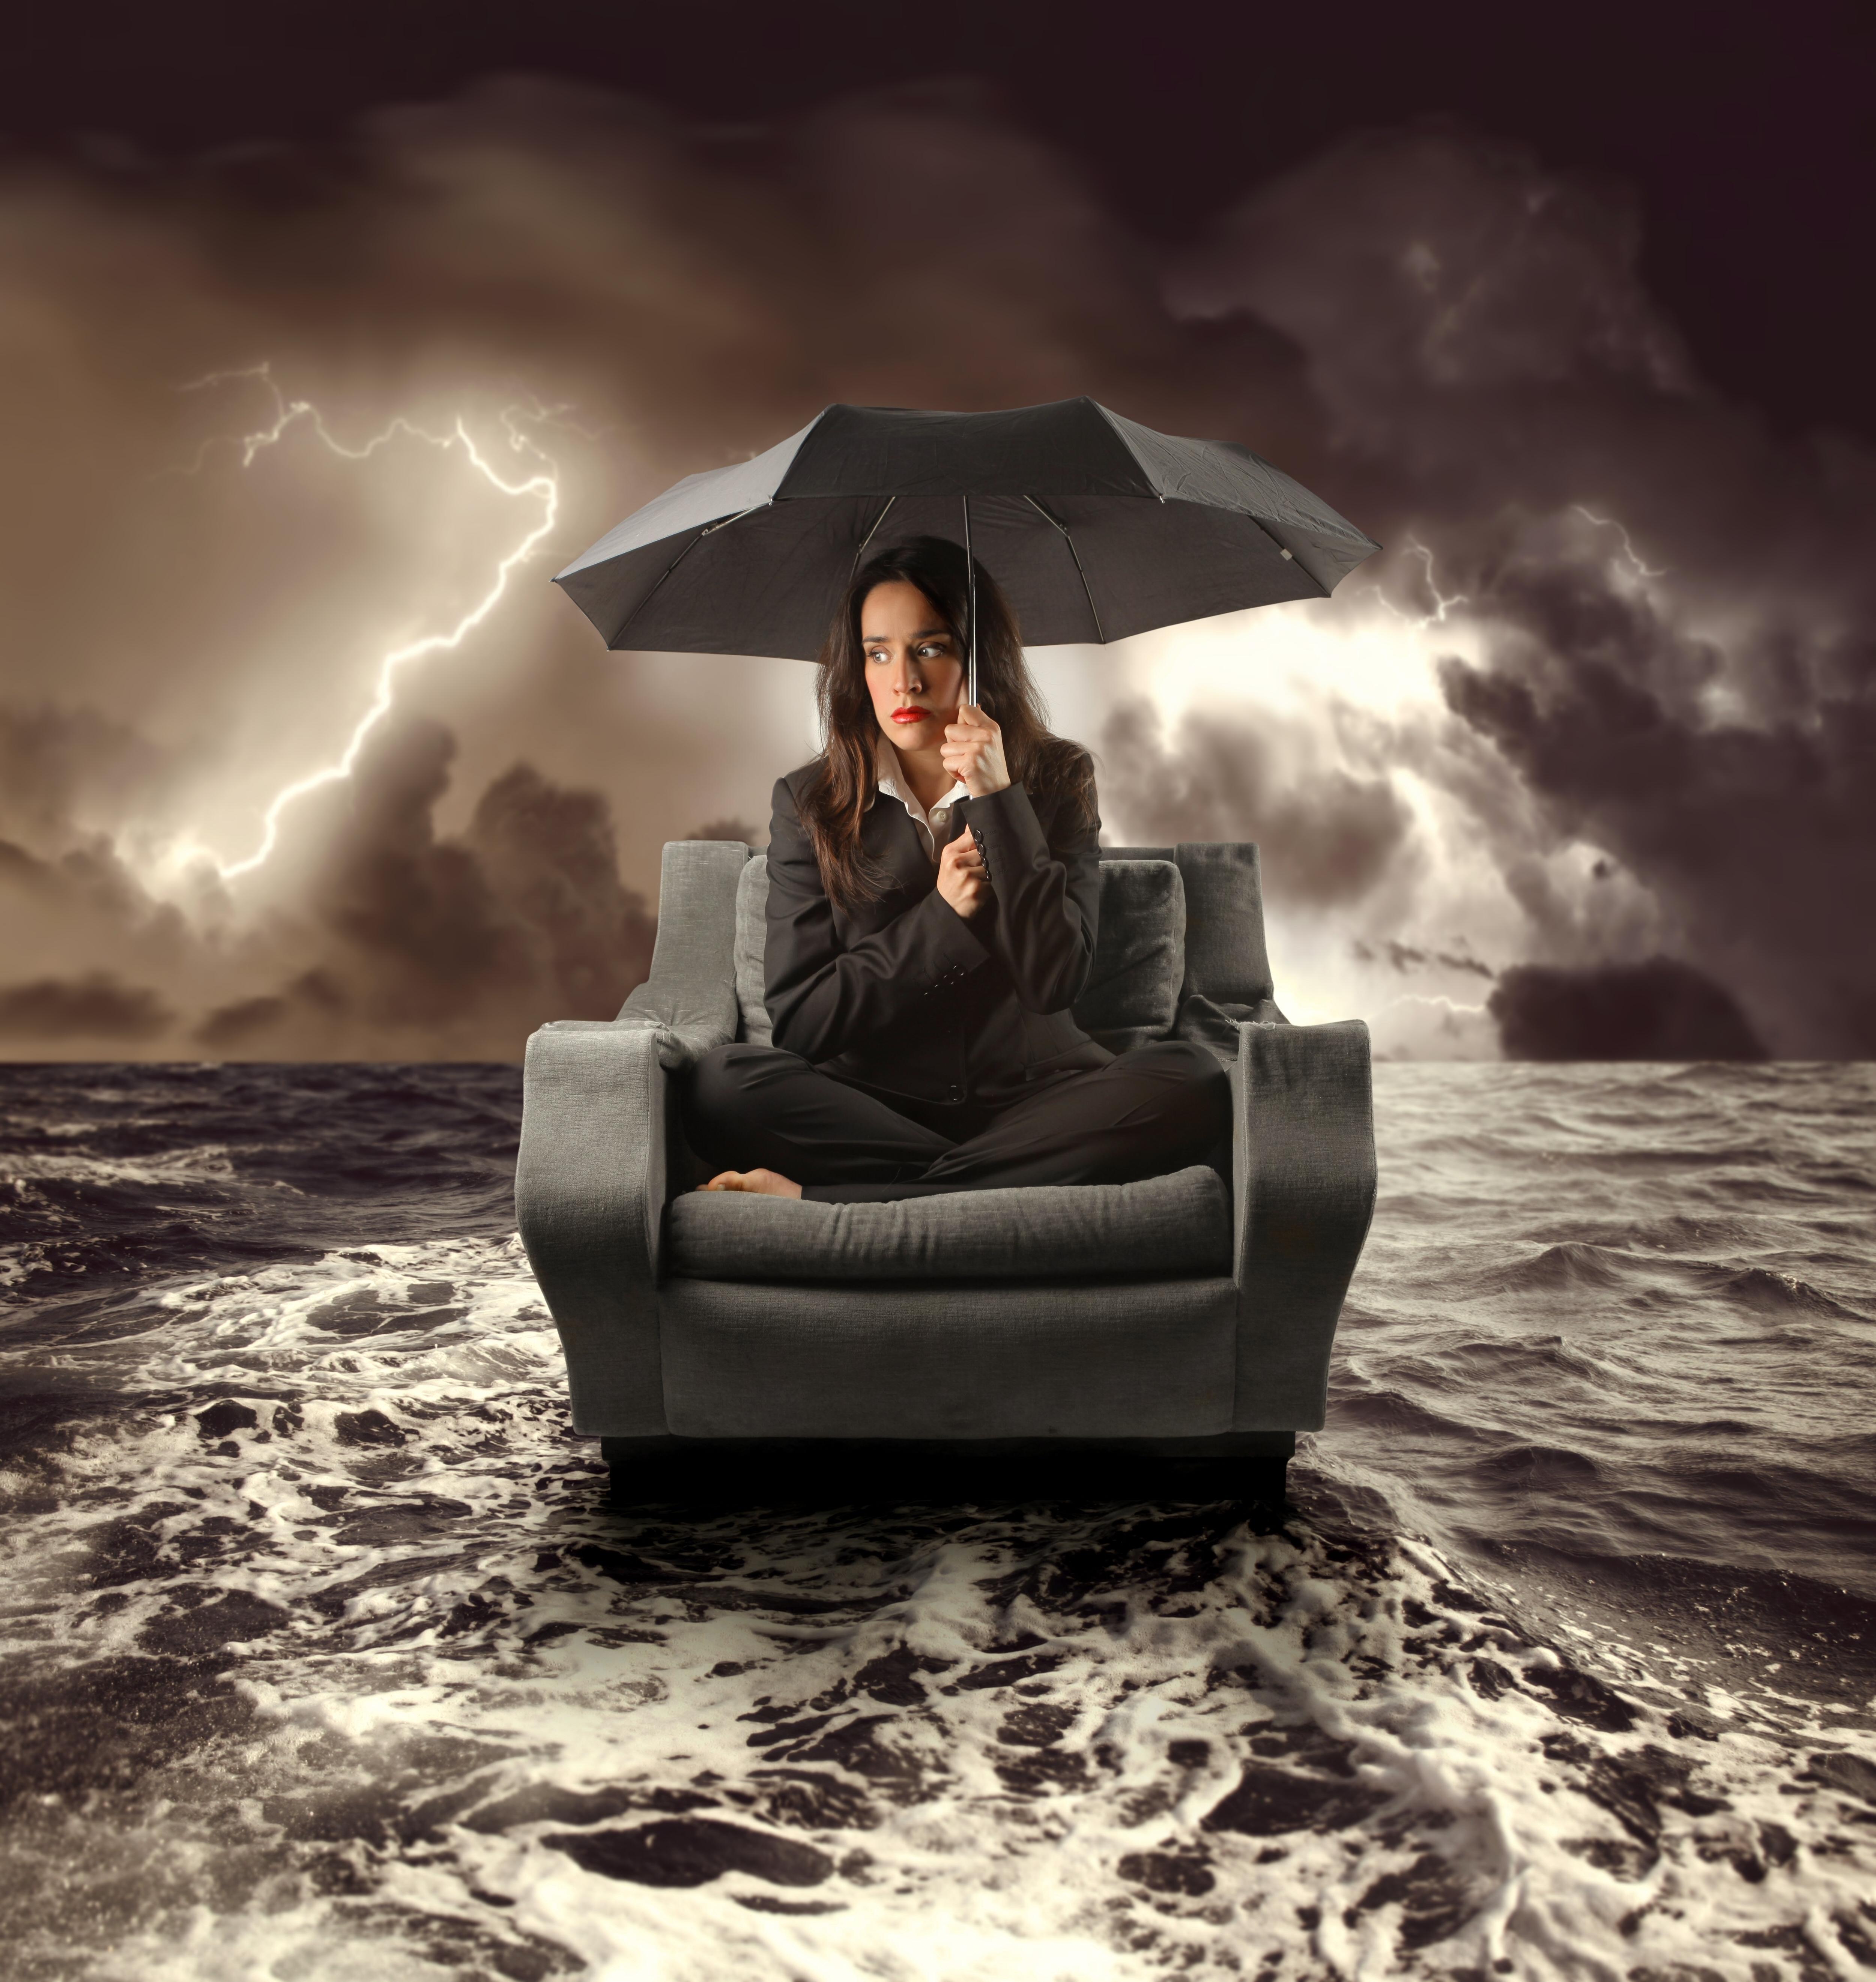 обои девушка, море, кресло, молния картинки фото